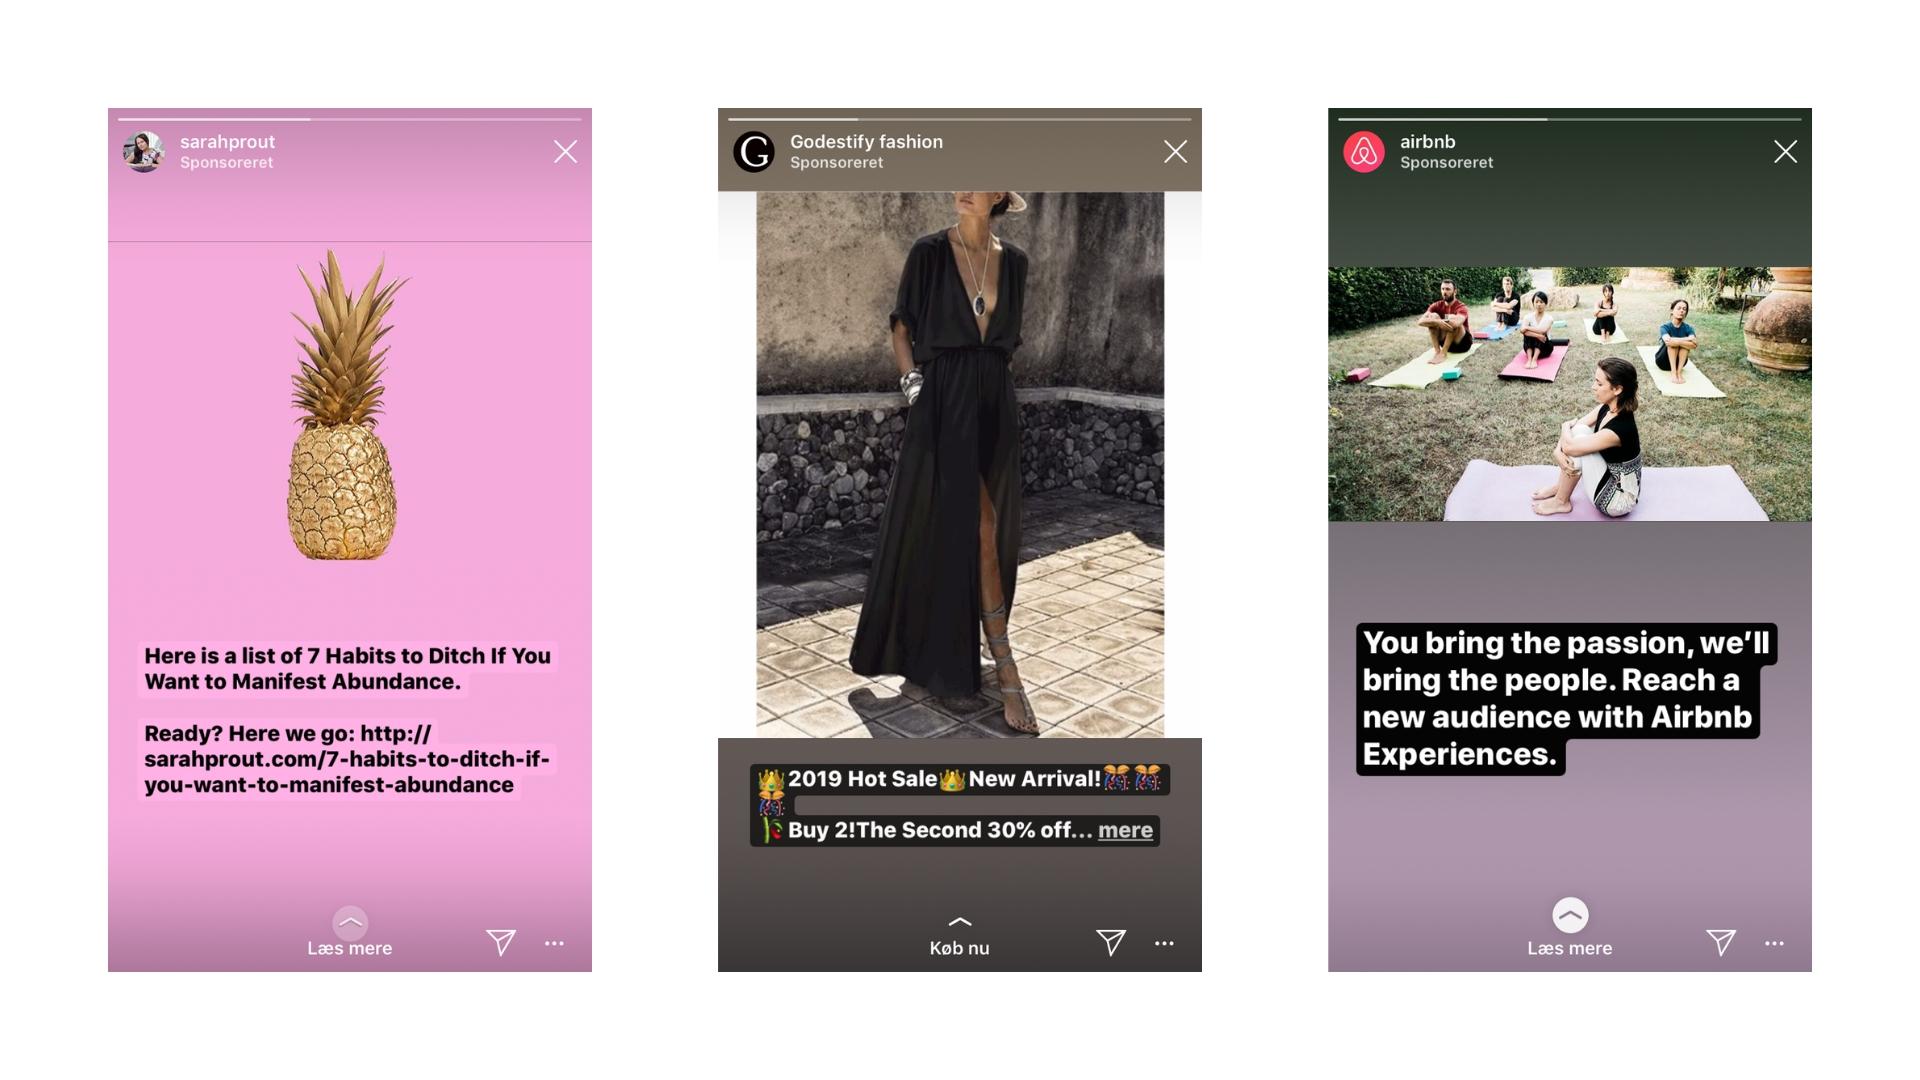 Knapt så heldige annoncer i Instagram Stories